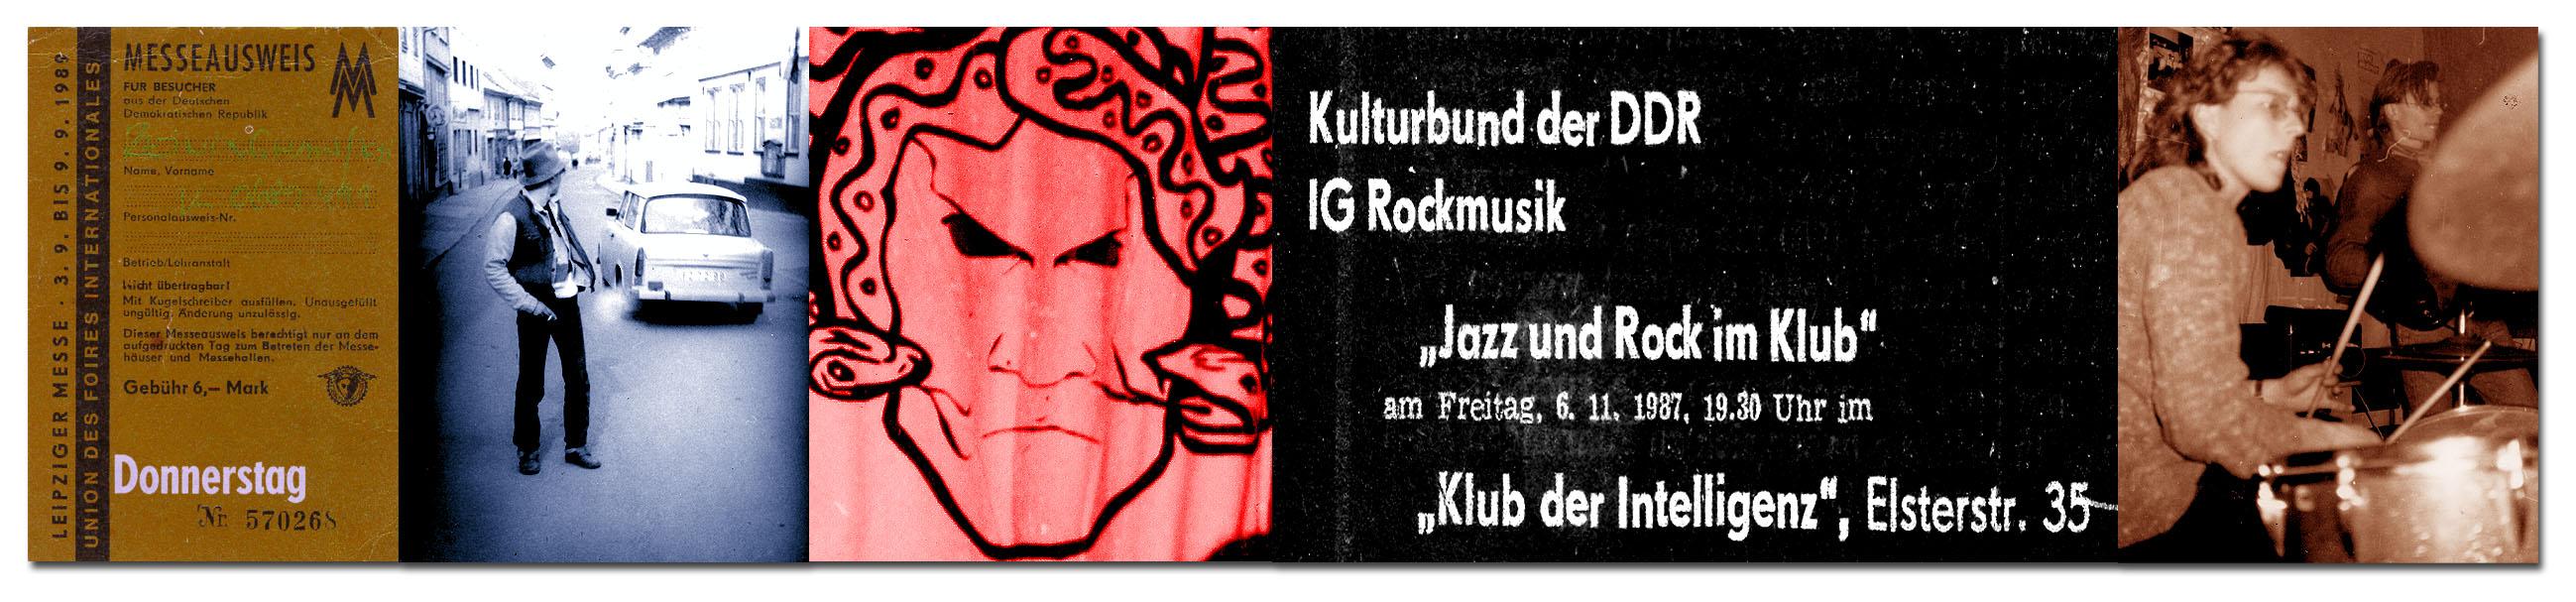 Bilderleiste kentonblau_05 kai reininghaus